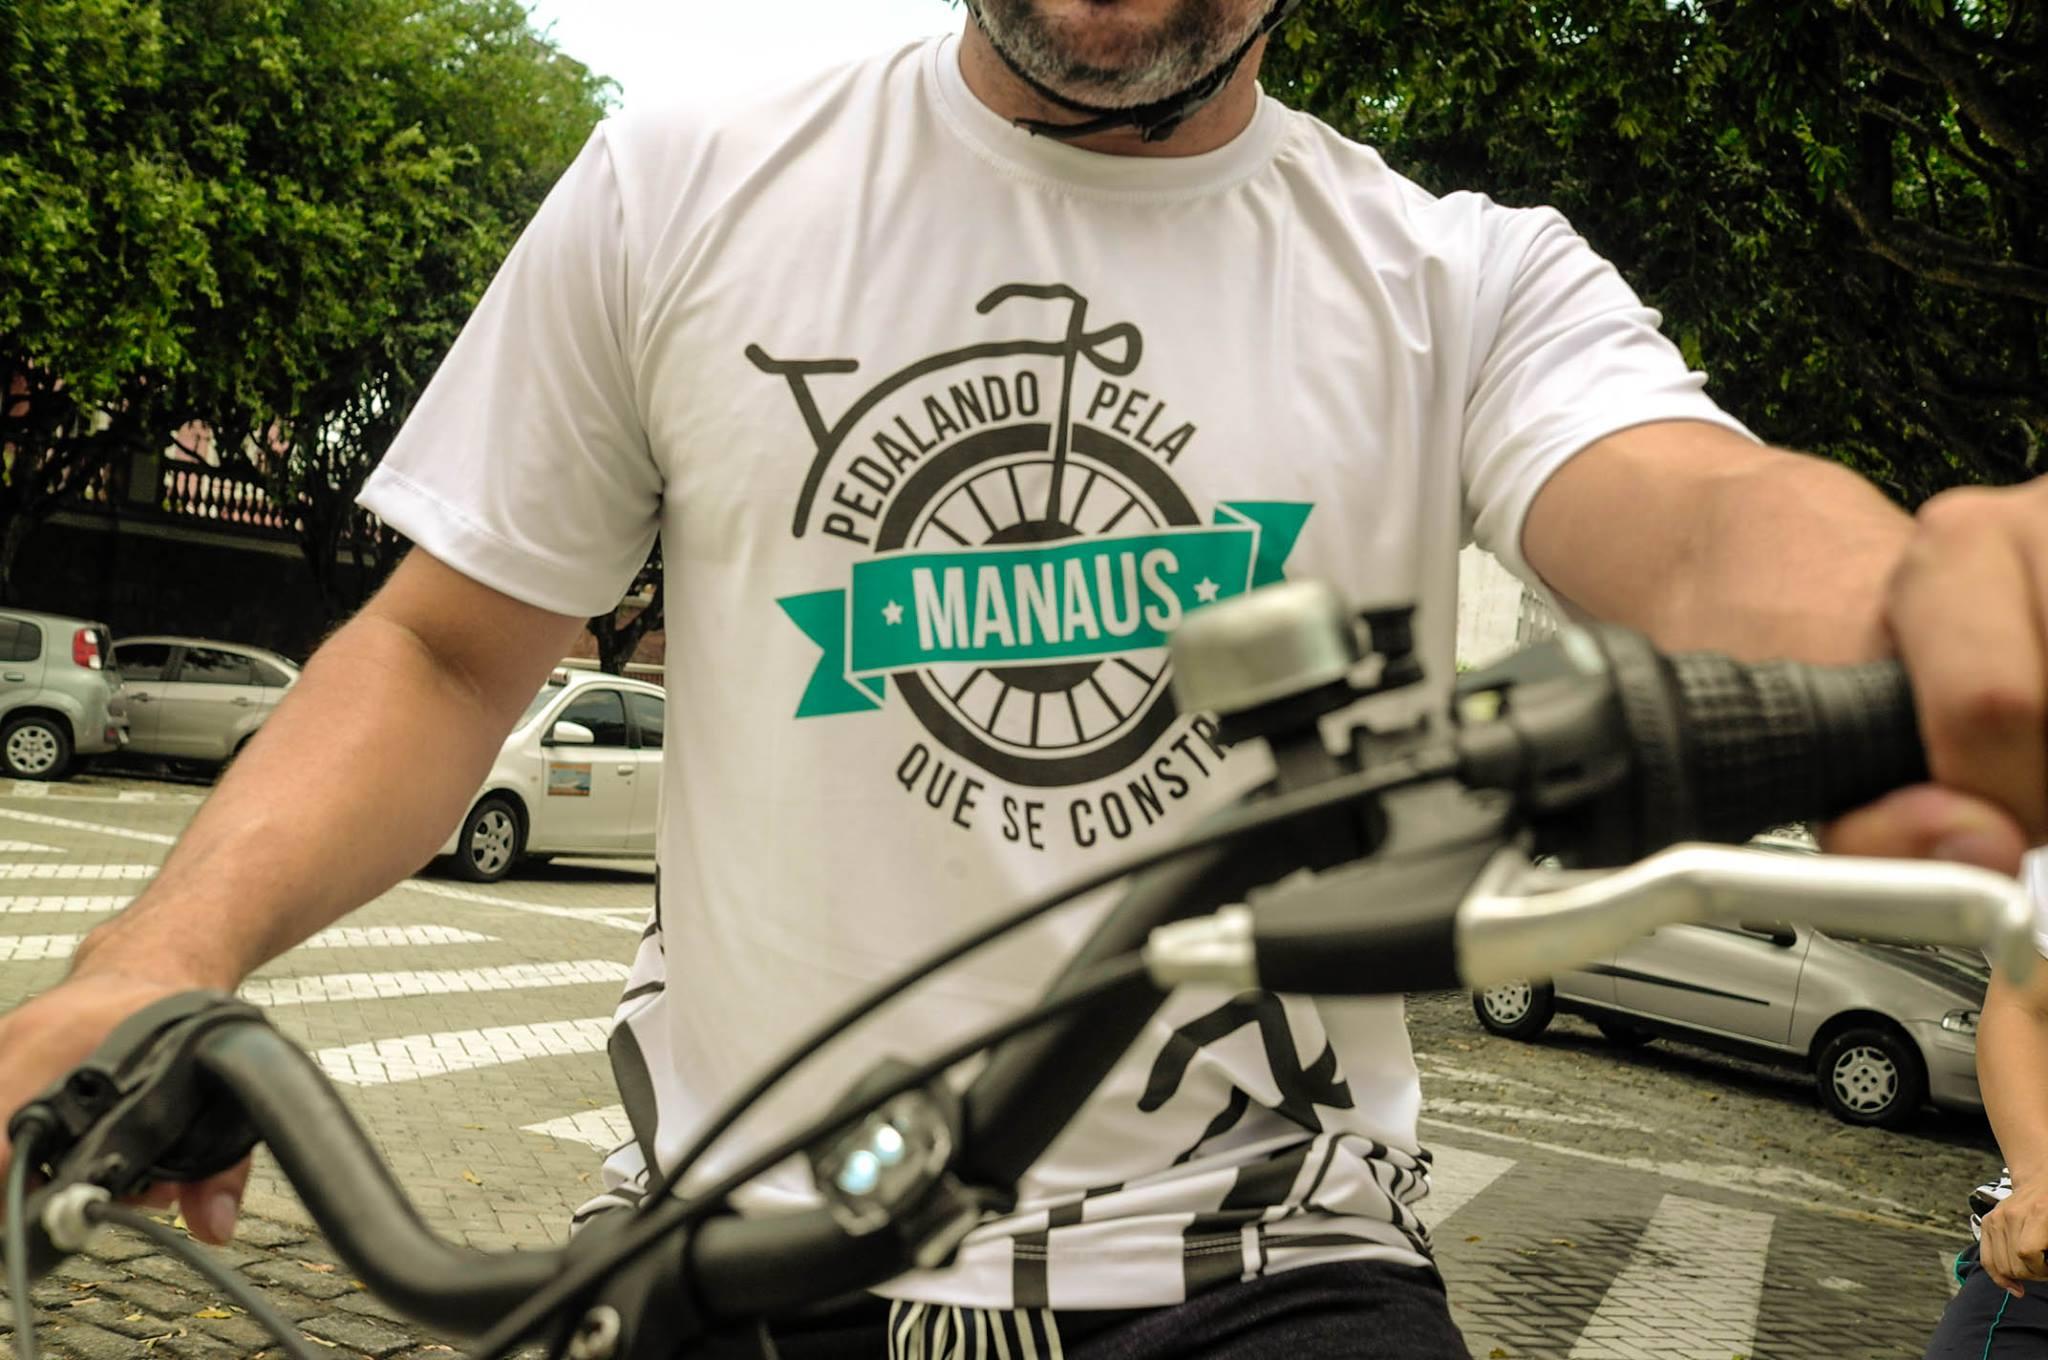 Aconteceu em Manaus o Pedalando pela Manaus que se constrói